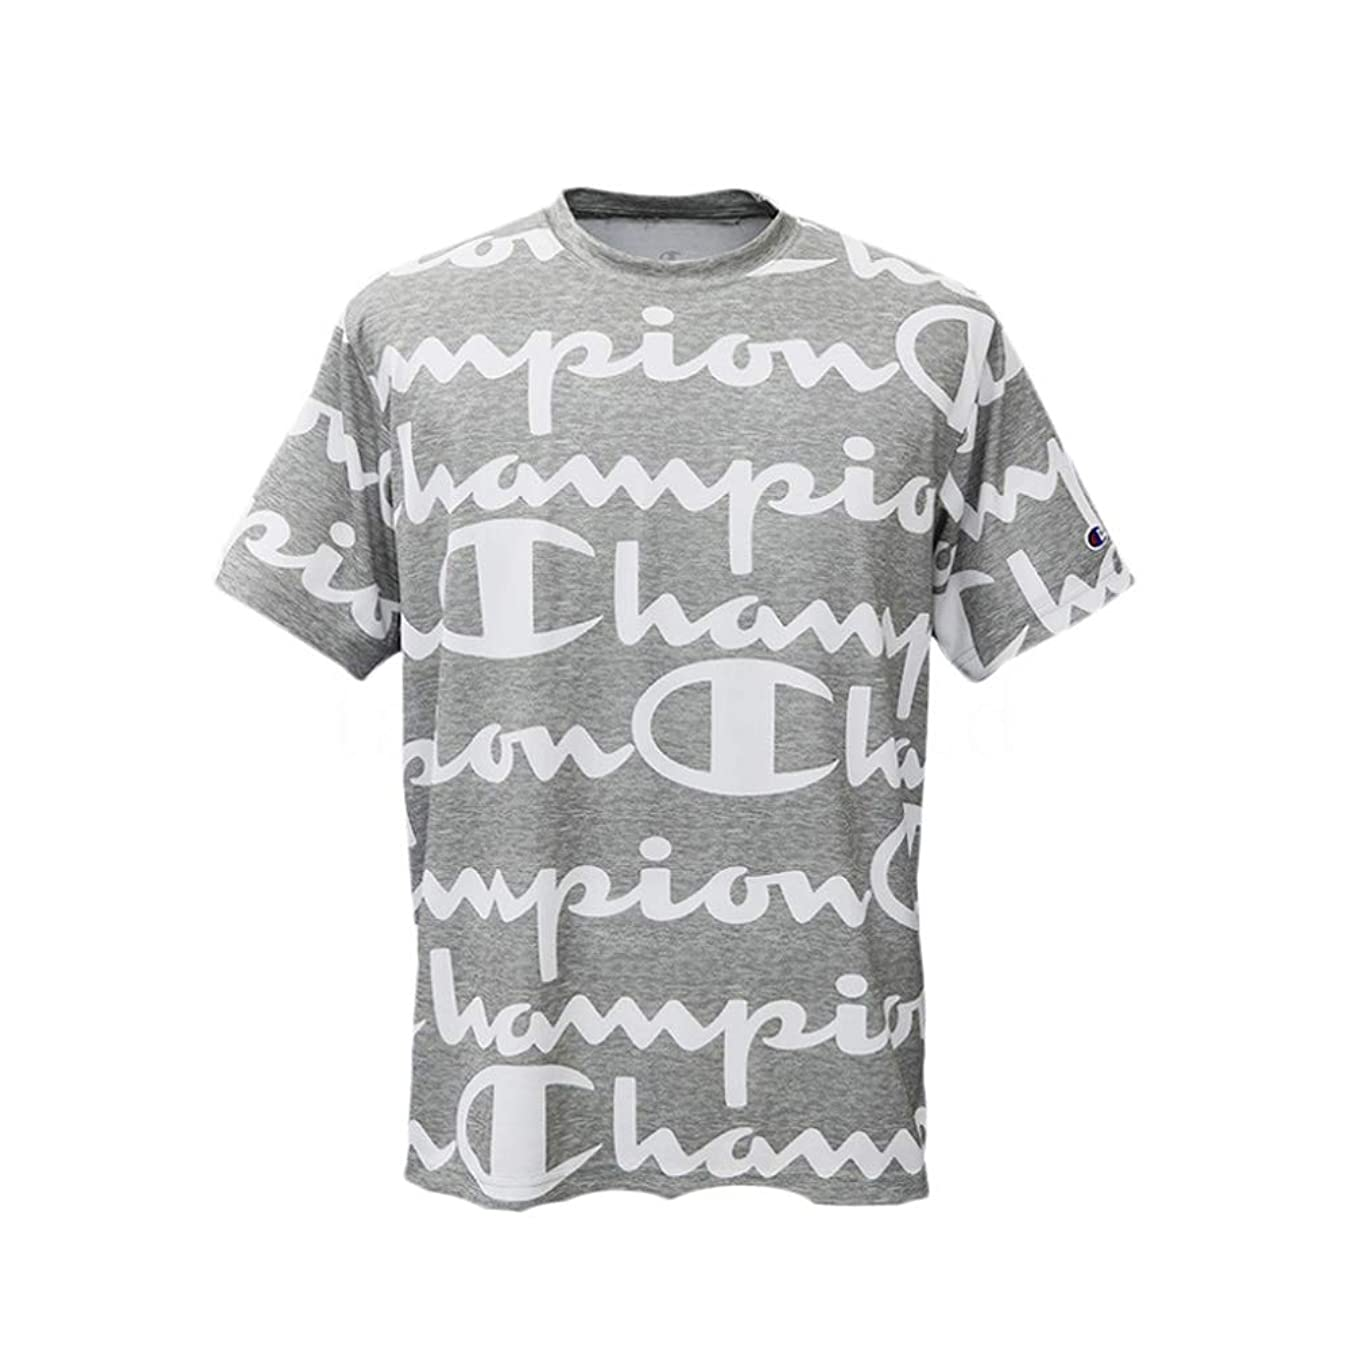 親ハシーキャッチチャンピオン Tシャツ メンズ 上 Champion C-VAPOR 総柄 ビッグロゴ 速乾 防臭 ドライ